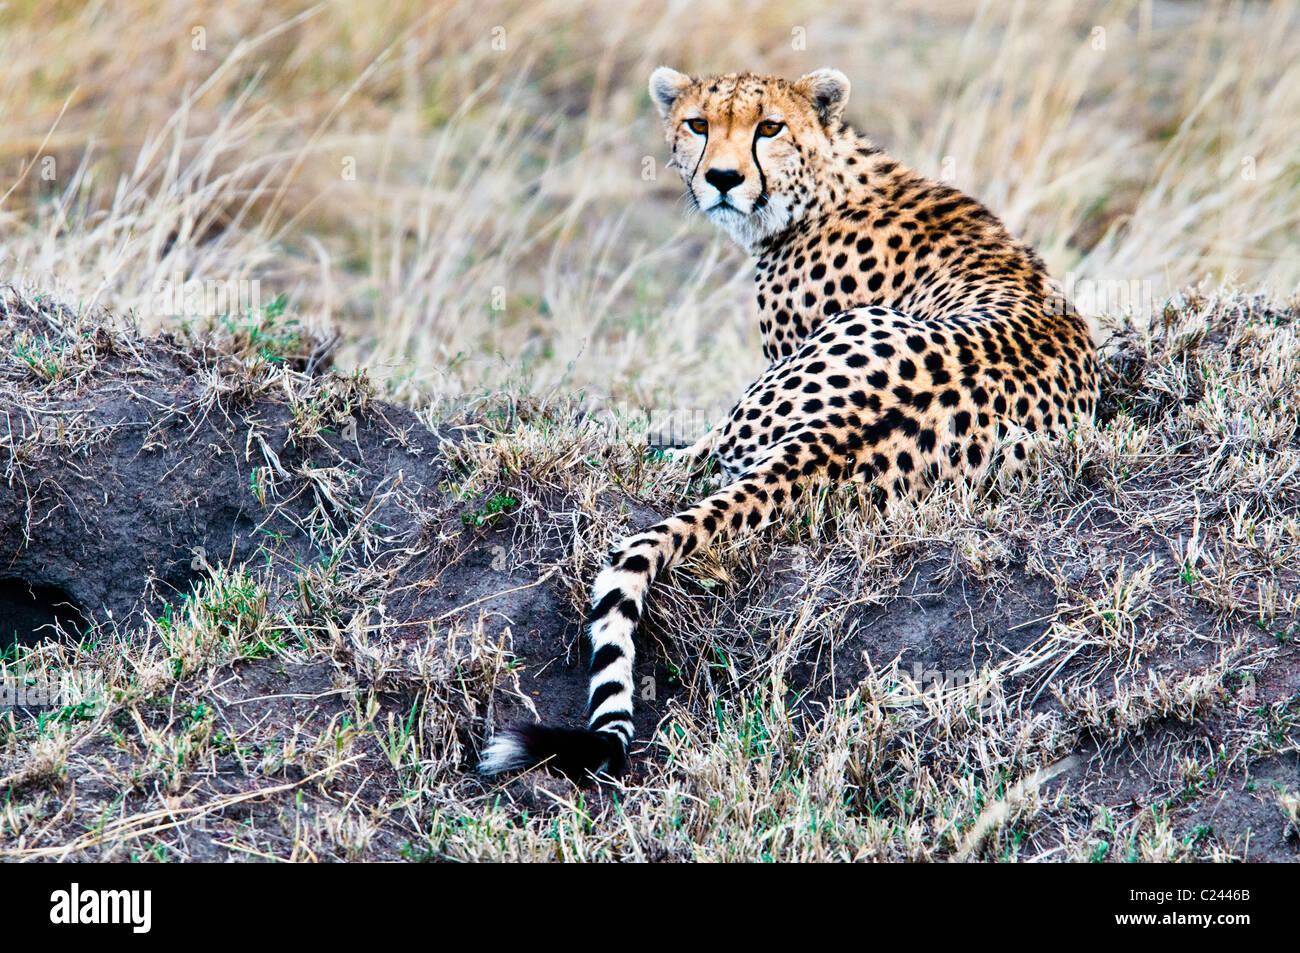 Gepard, Acinonyx Jubatus, auf der Suche nach Beute, Masai Mara National Reserve, Kenia, Afrika Stockbild